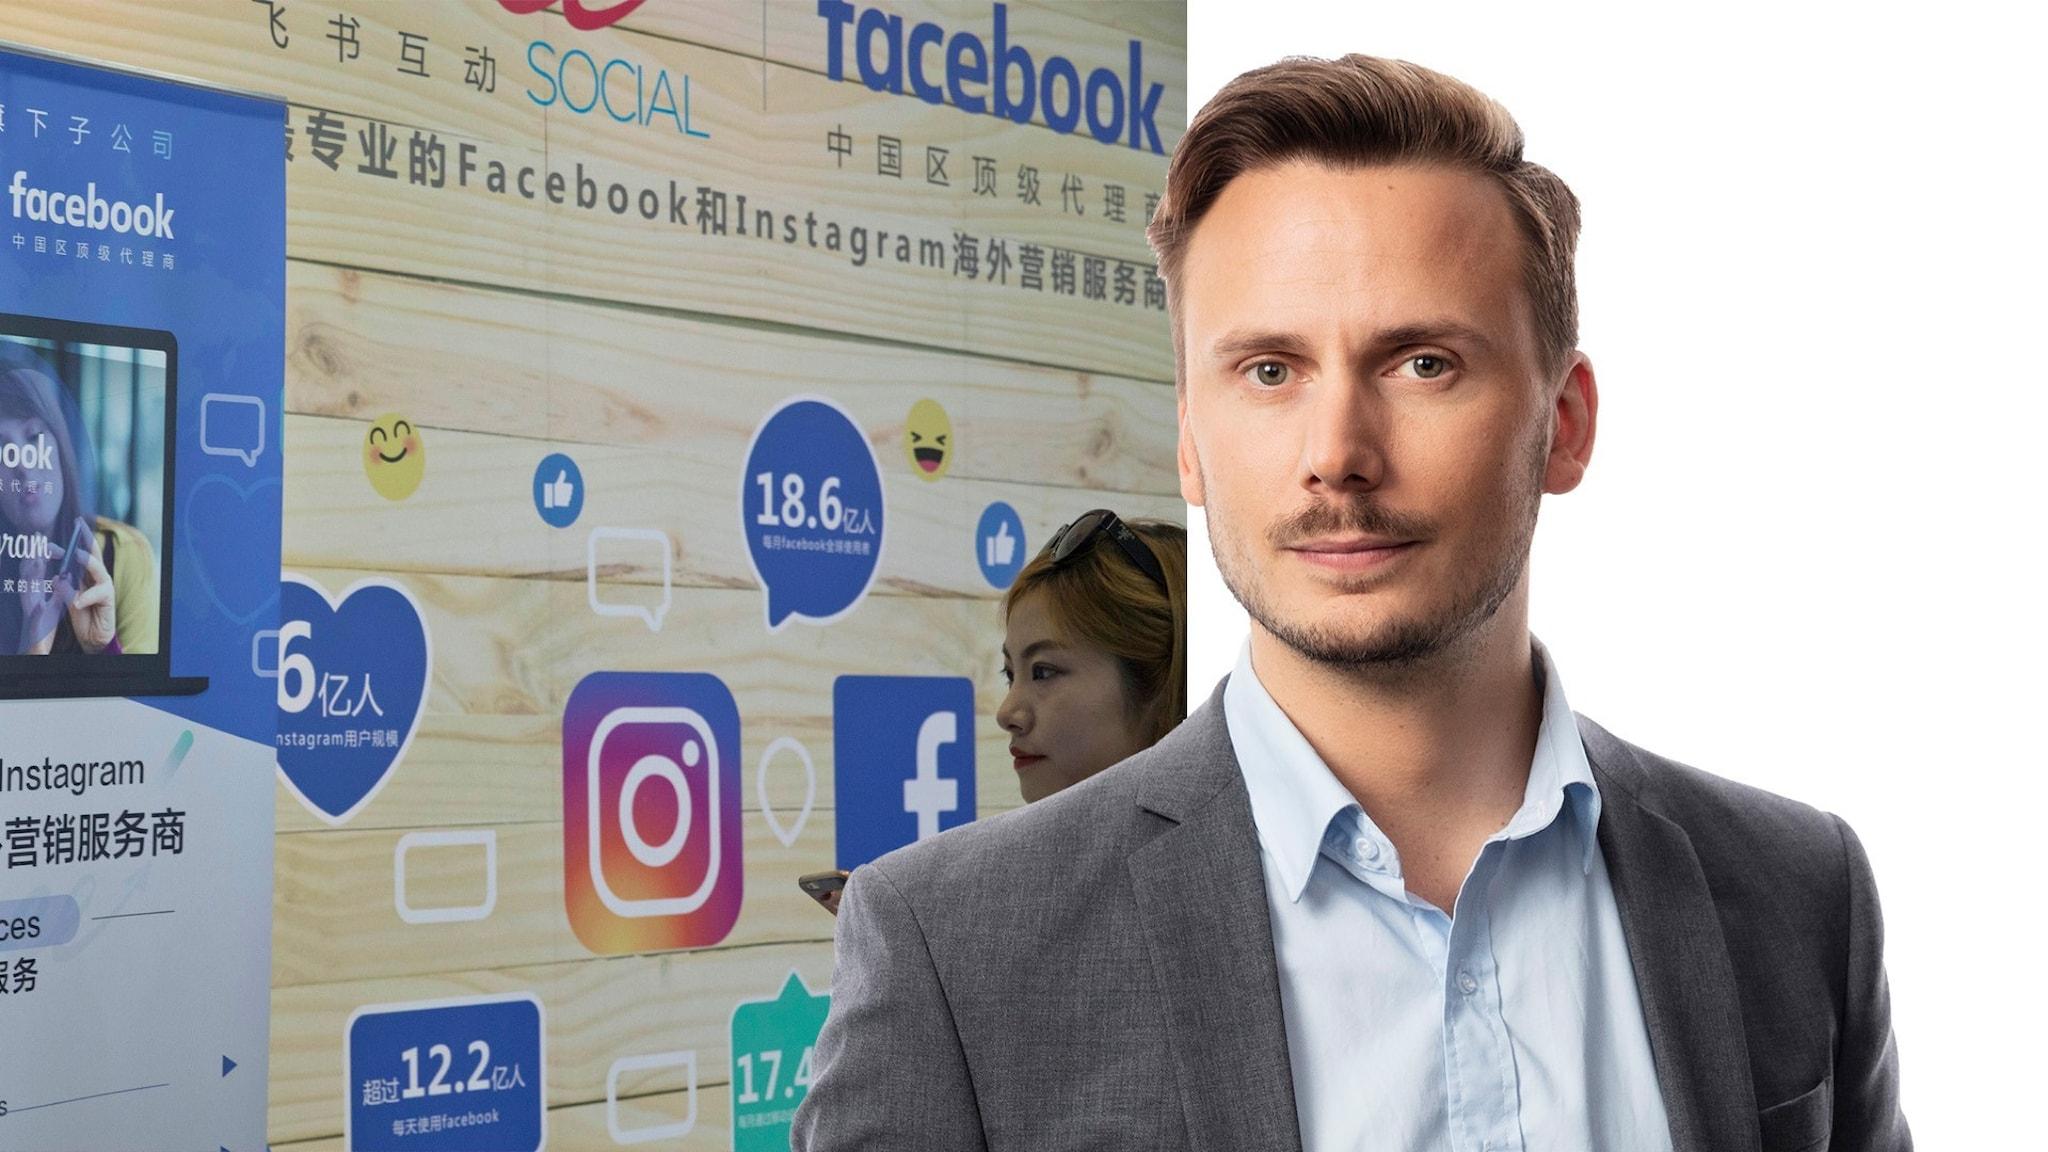 Björn Djurberg sociala medier i kina